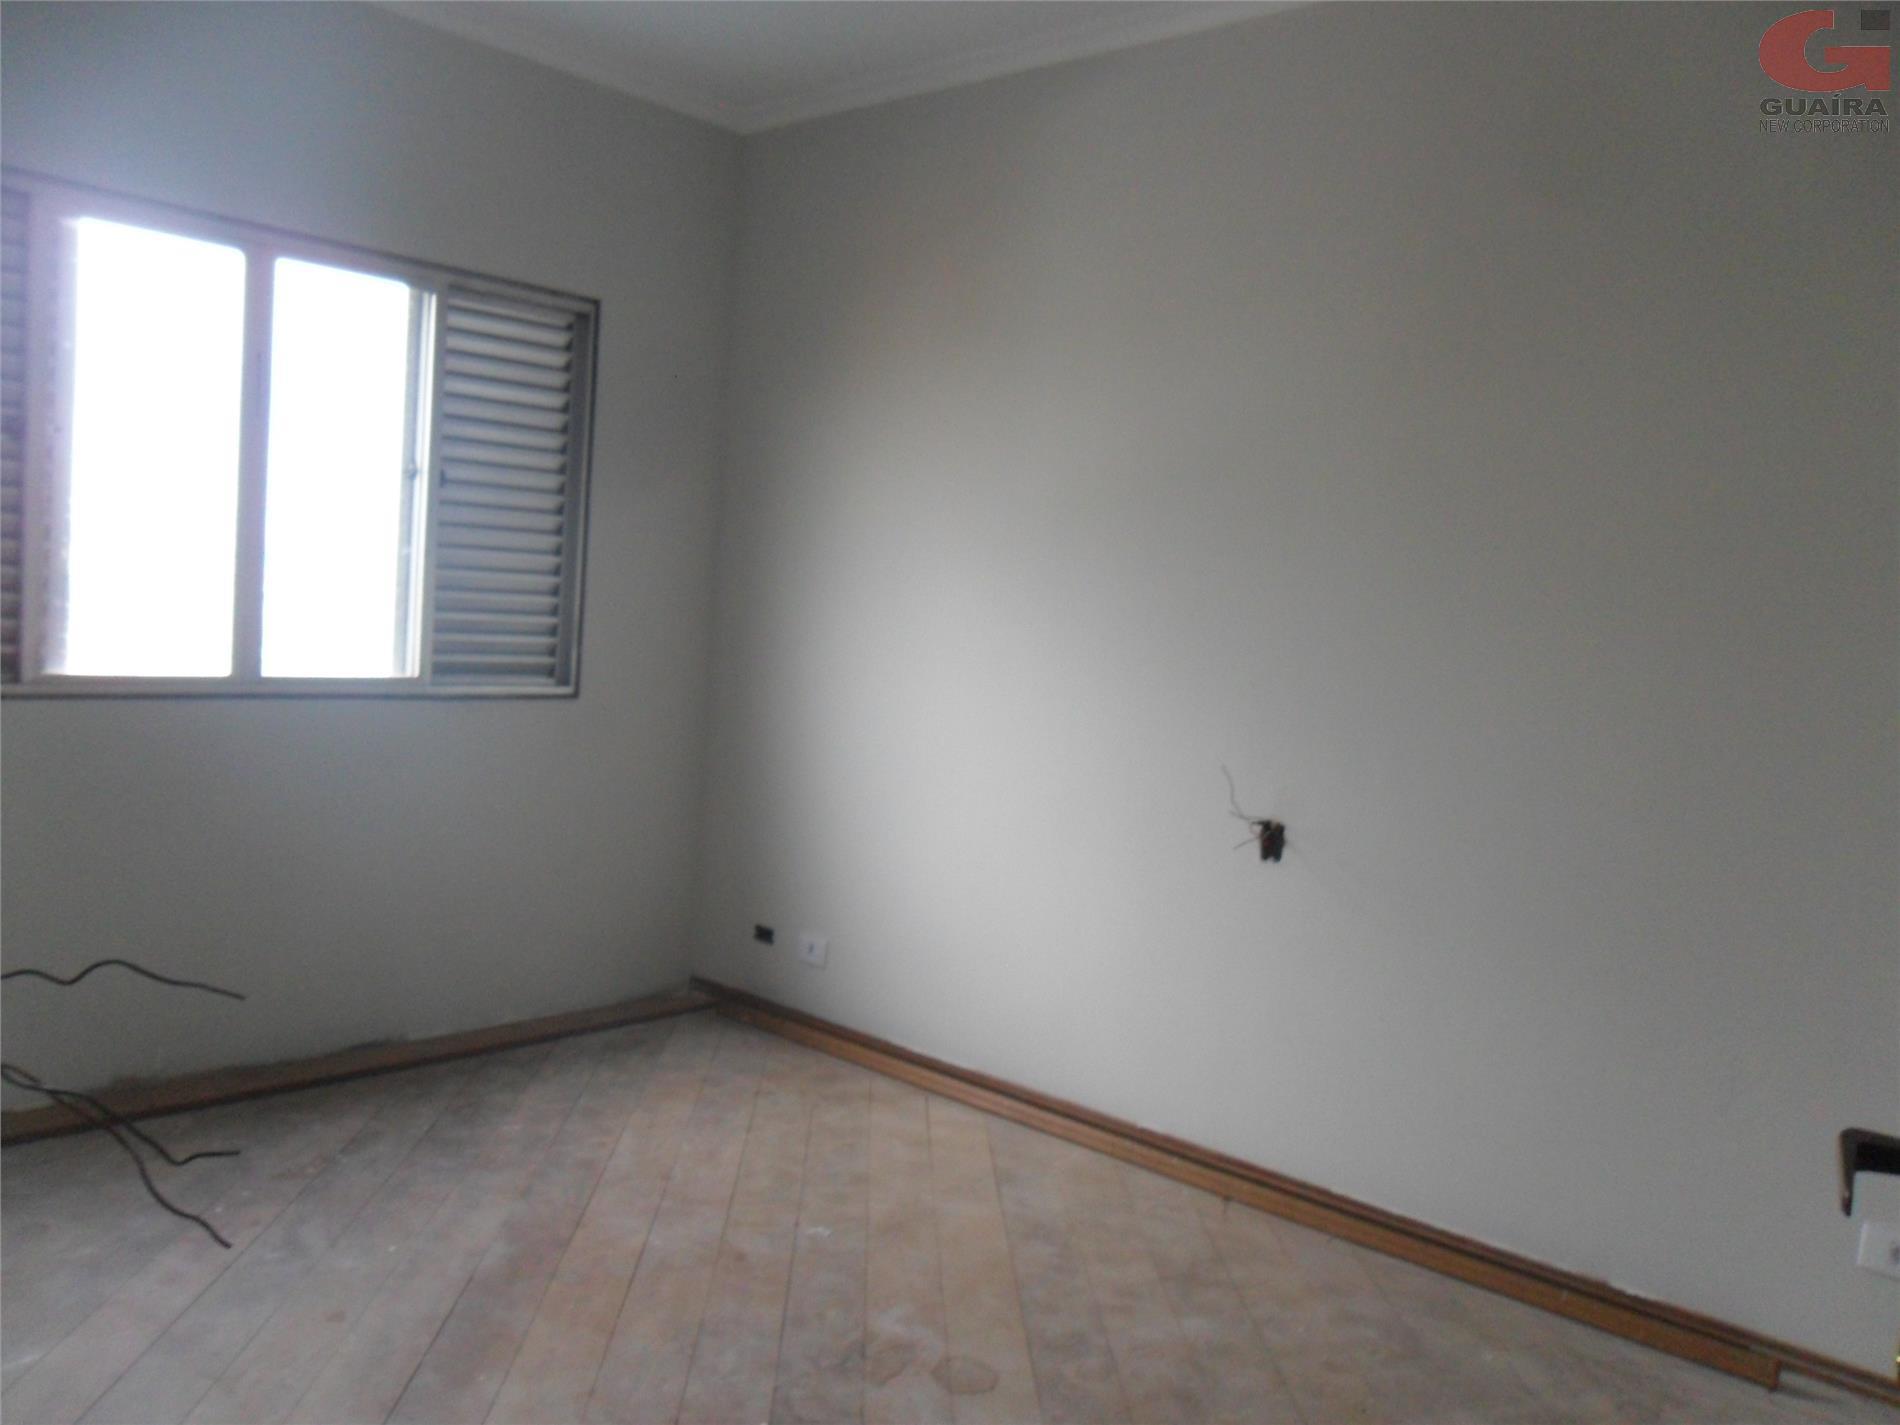 Casa de 3 dormitórios à venda em Vila Palmares, Santo André - SP